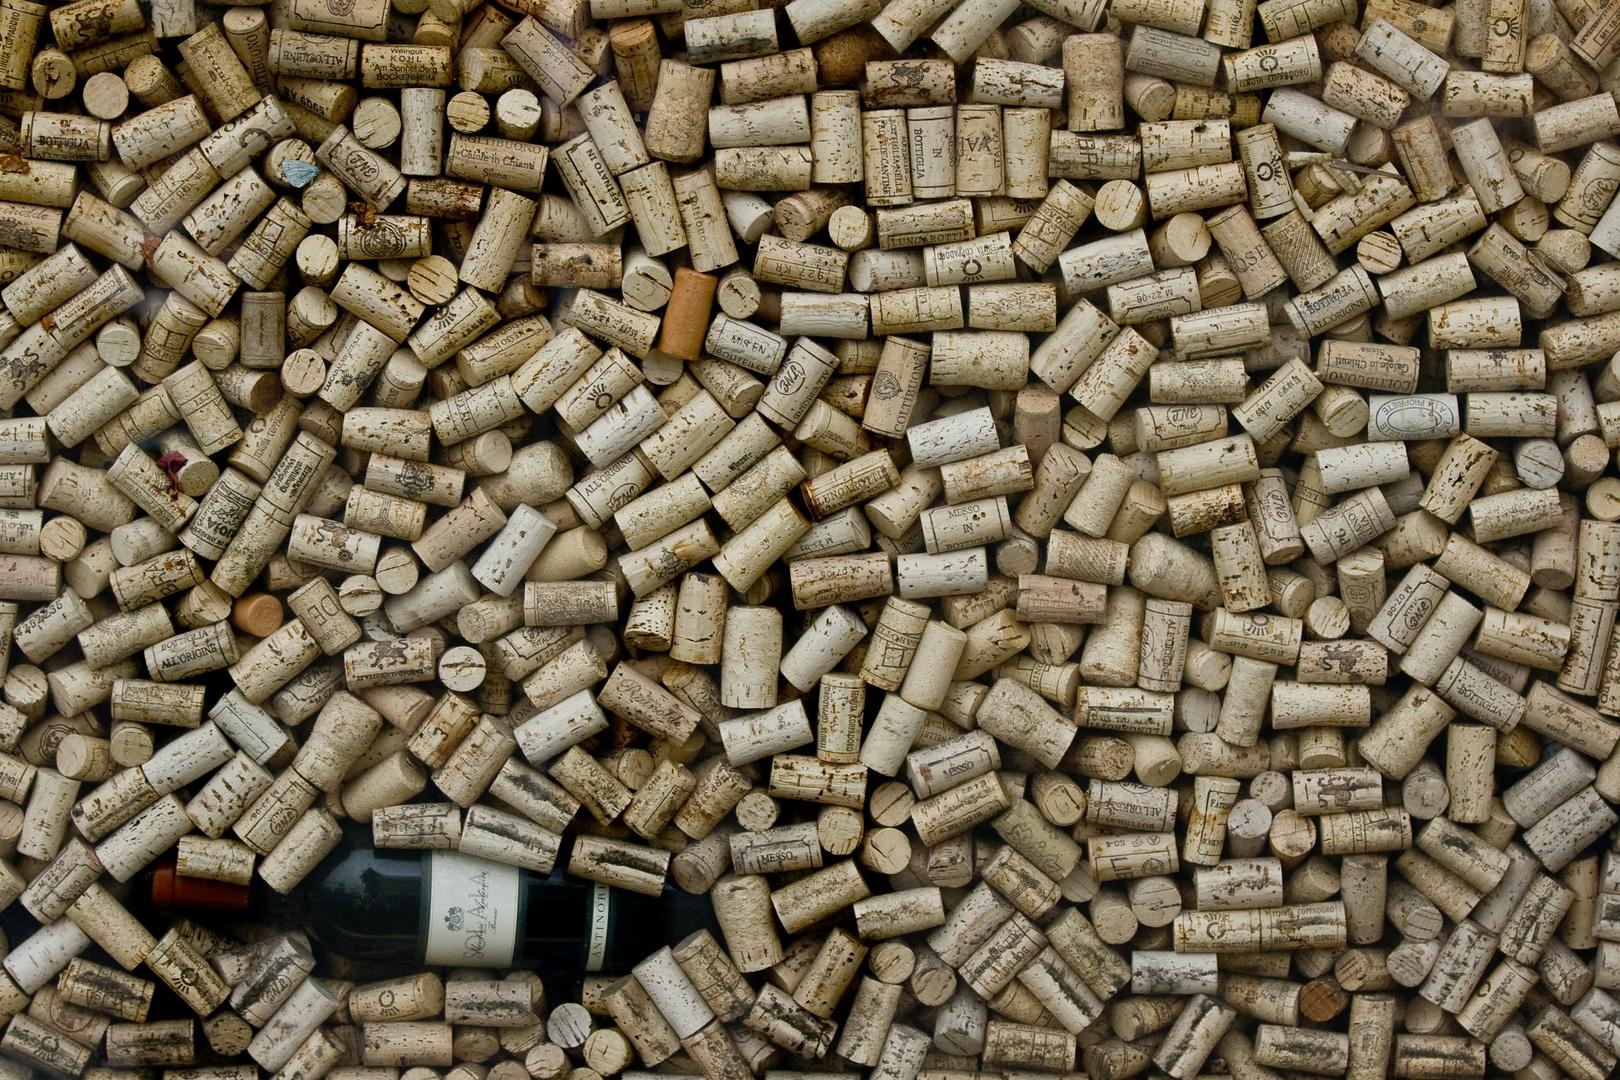 Bilderrätsel: Wo ist die Weinflasche? ;-)